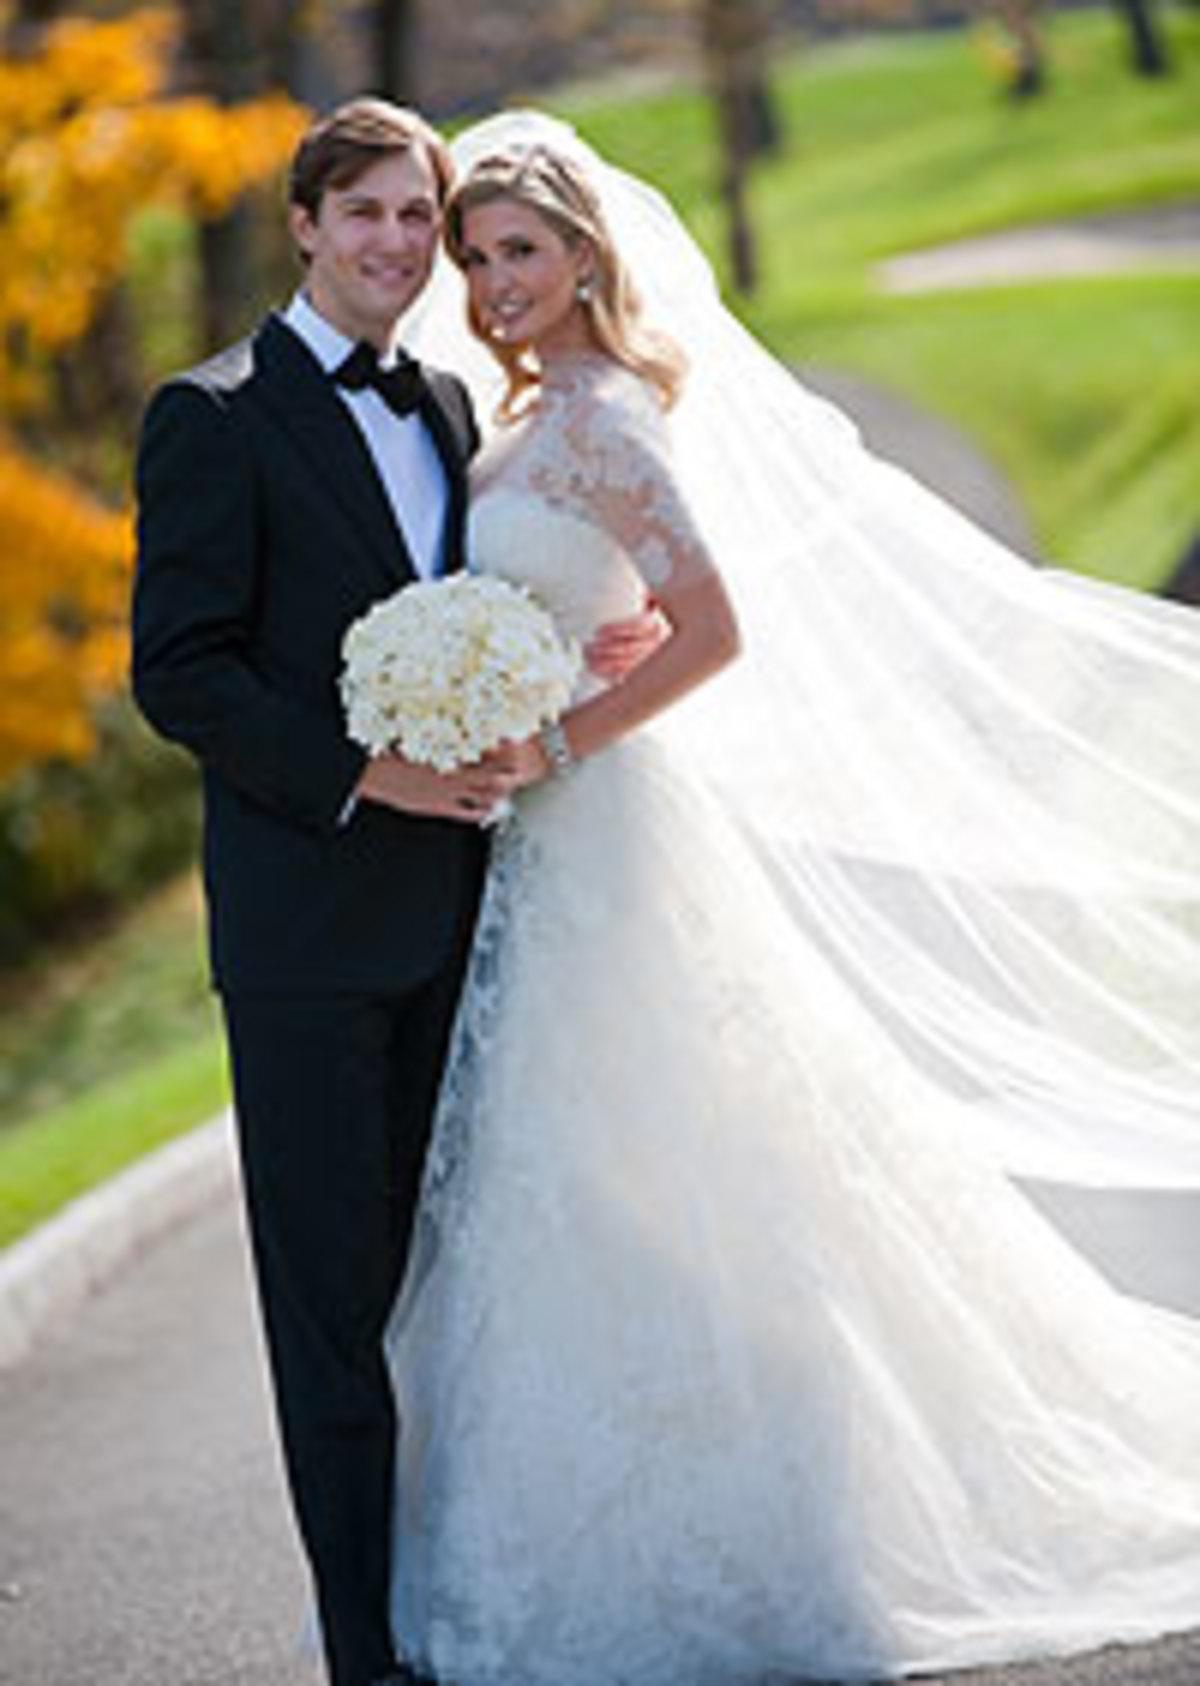 Παραμυθένιος γάμος για την κόρη του Τράμπ | Newsit.gr